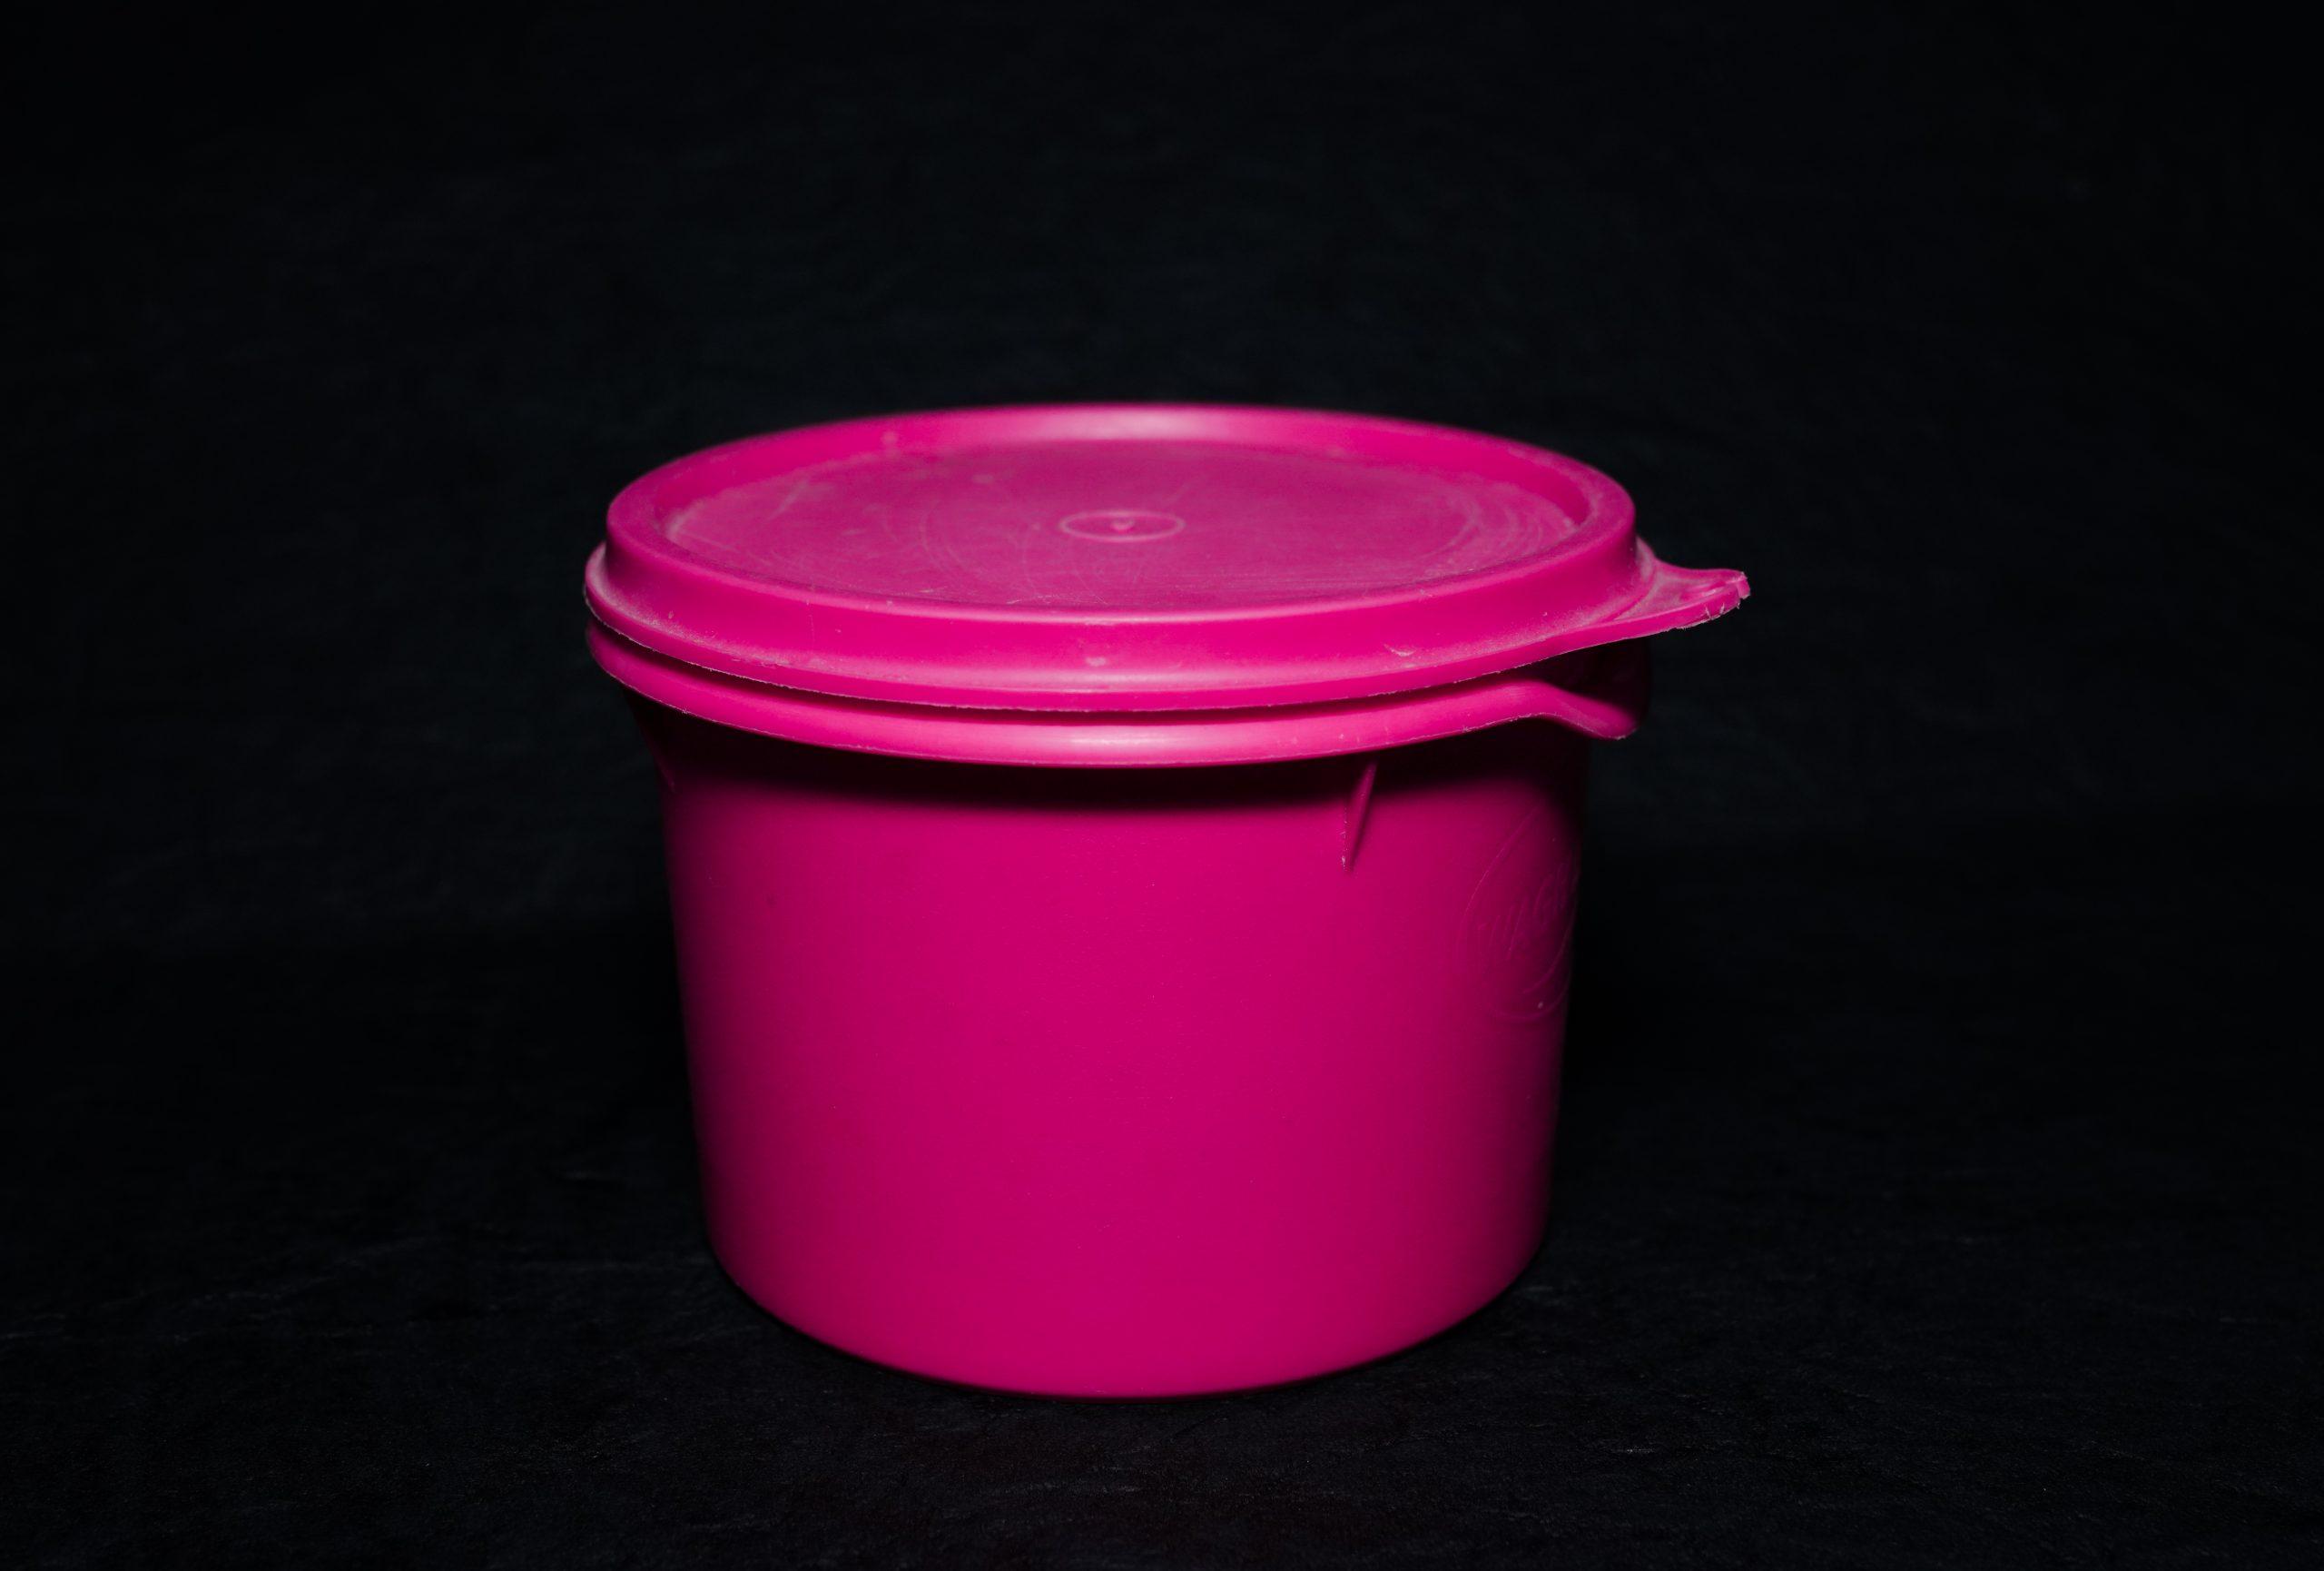 A pink box